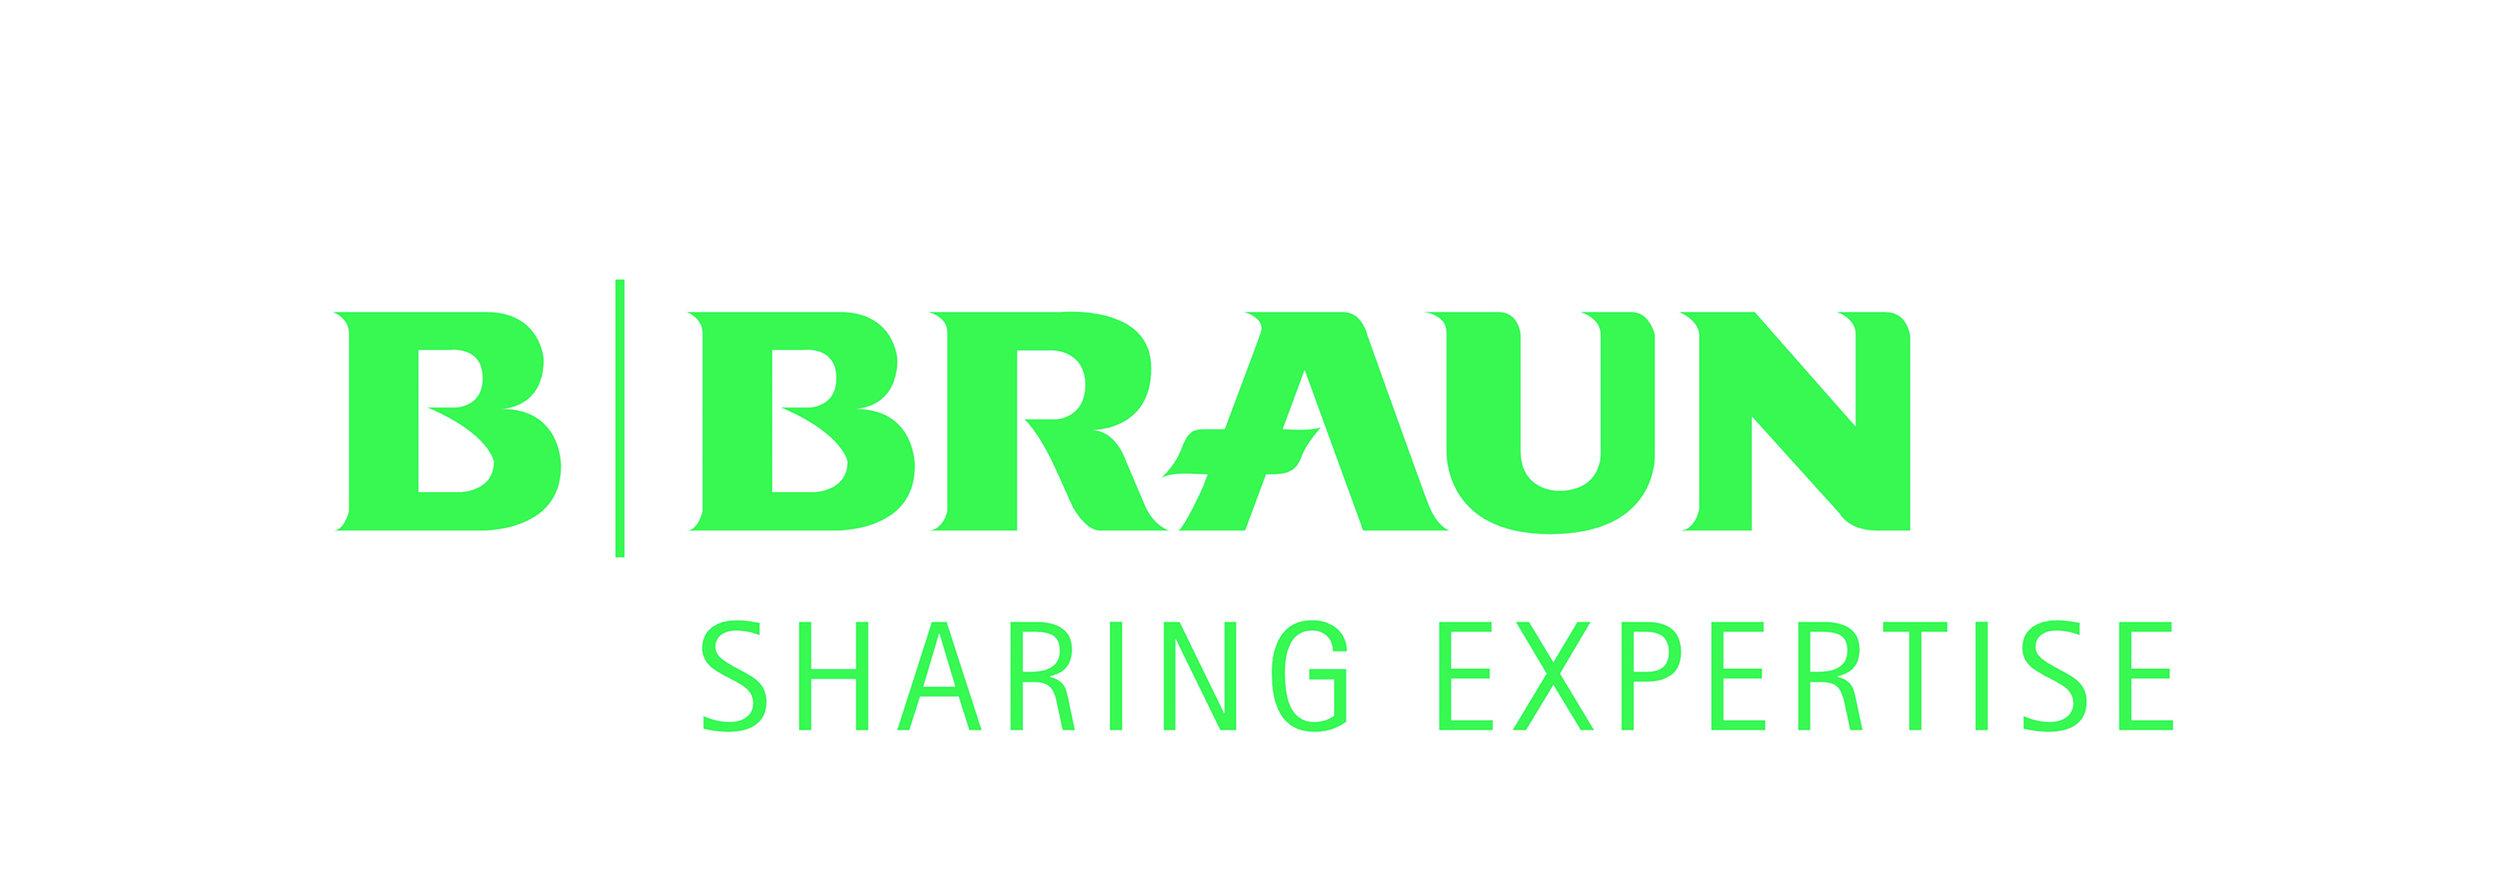 B Braun.jpg